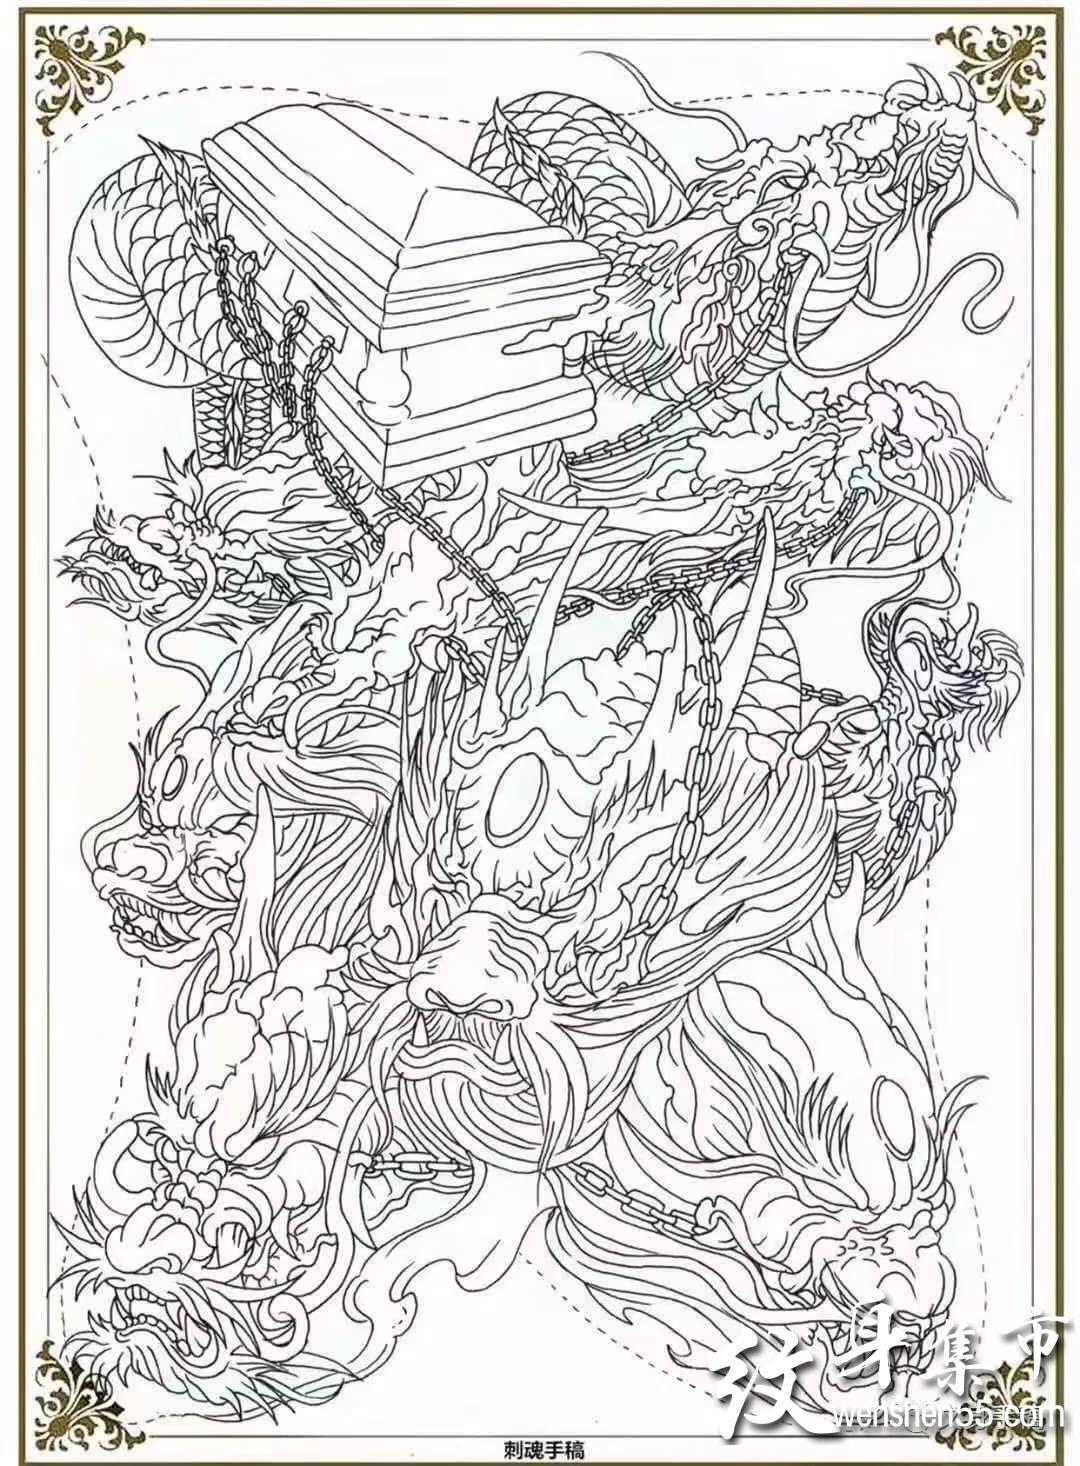 满背九龙拉棺纹身,满背九龙拉棺纹身手稿图案